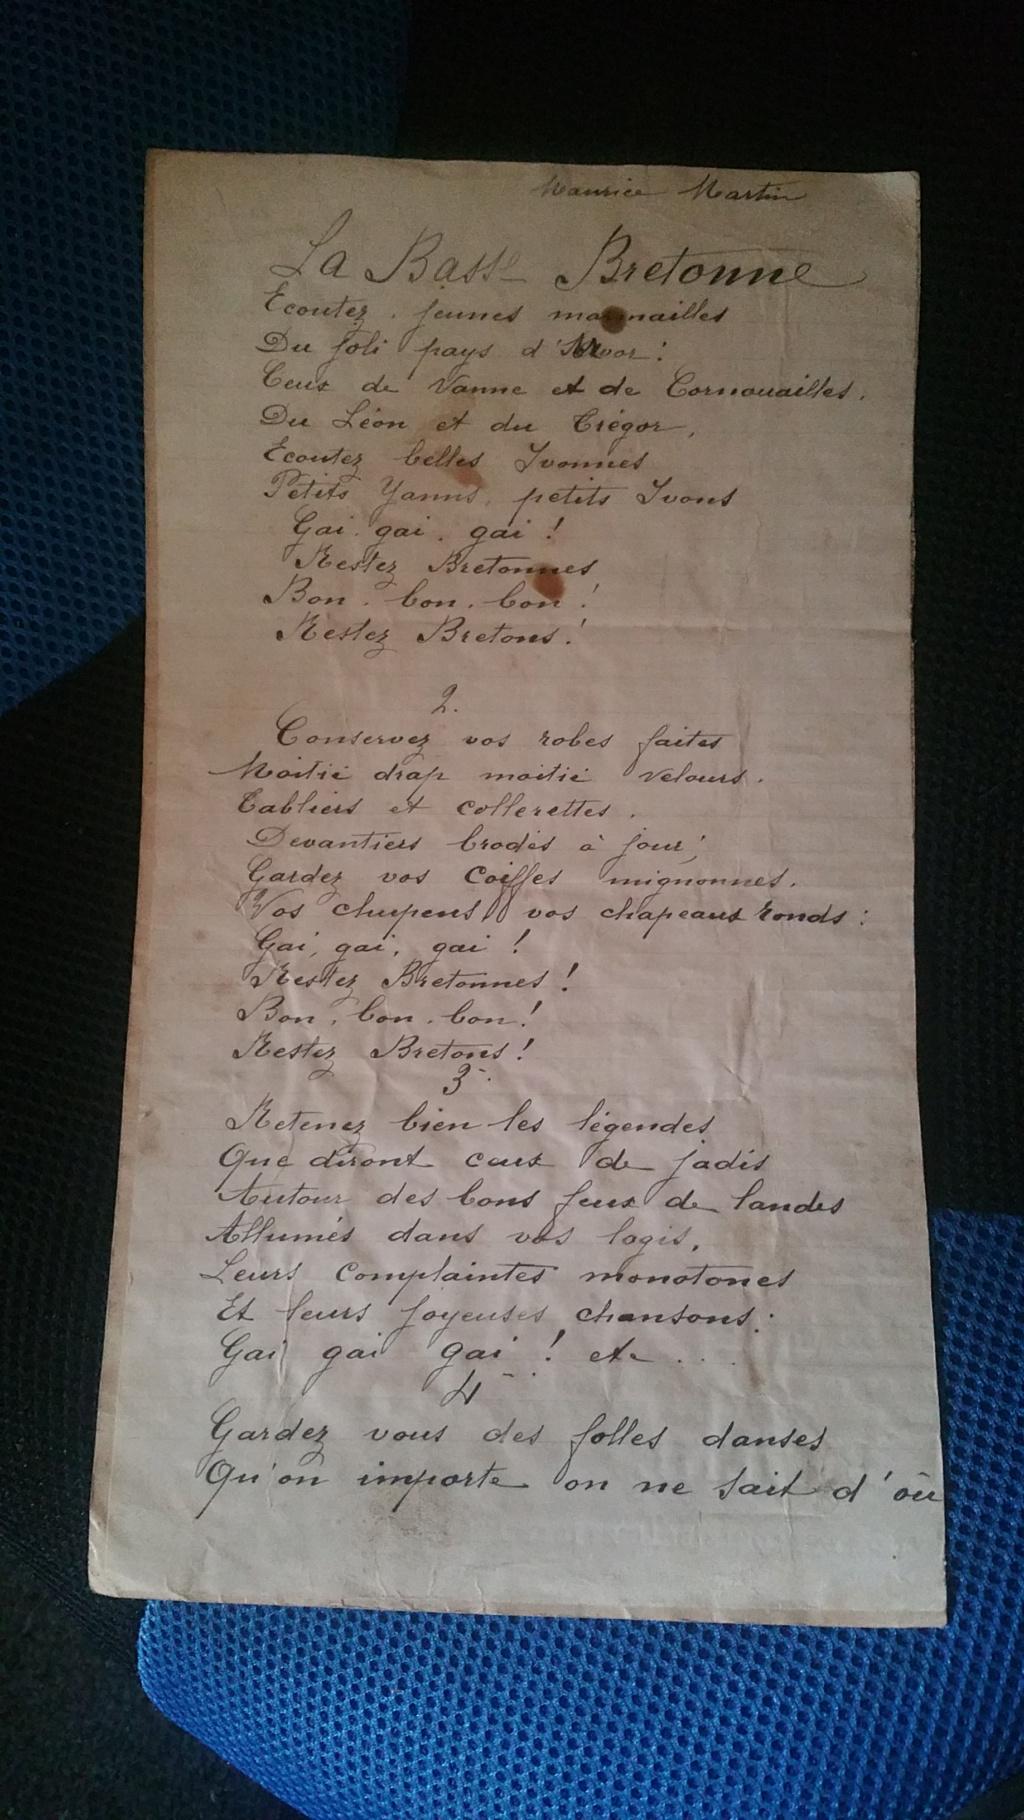 manuscrit chant ou poésie de Maurice Martin 20200142